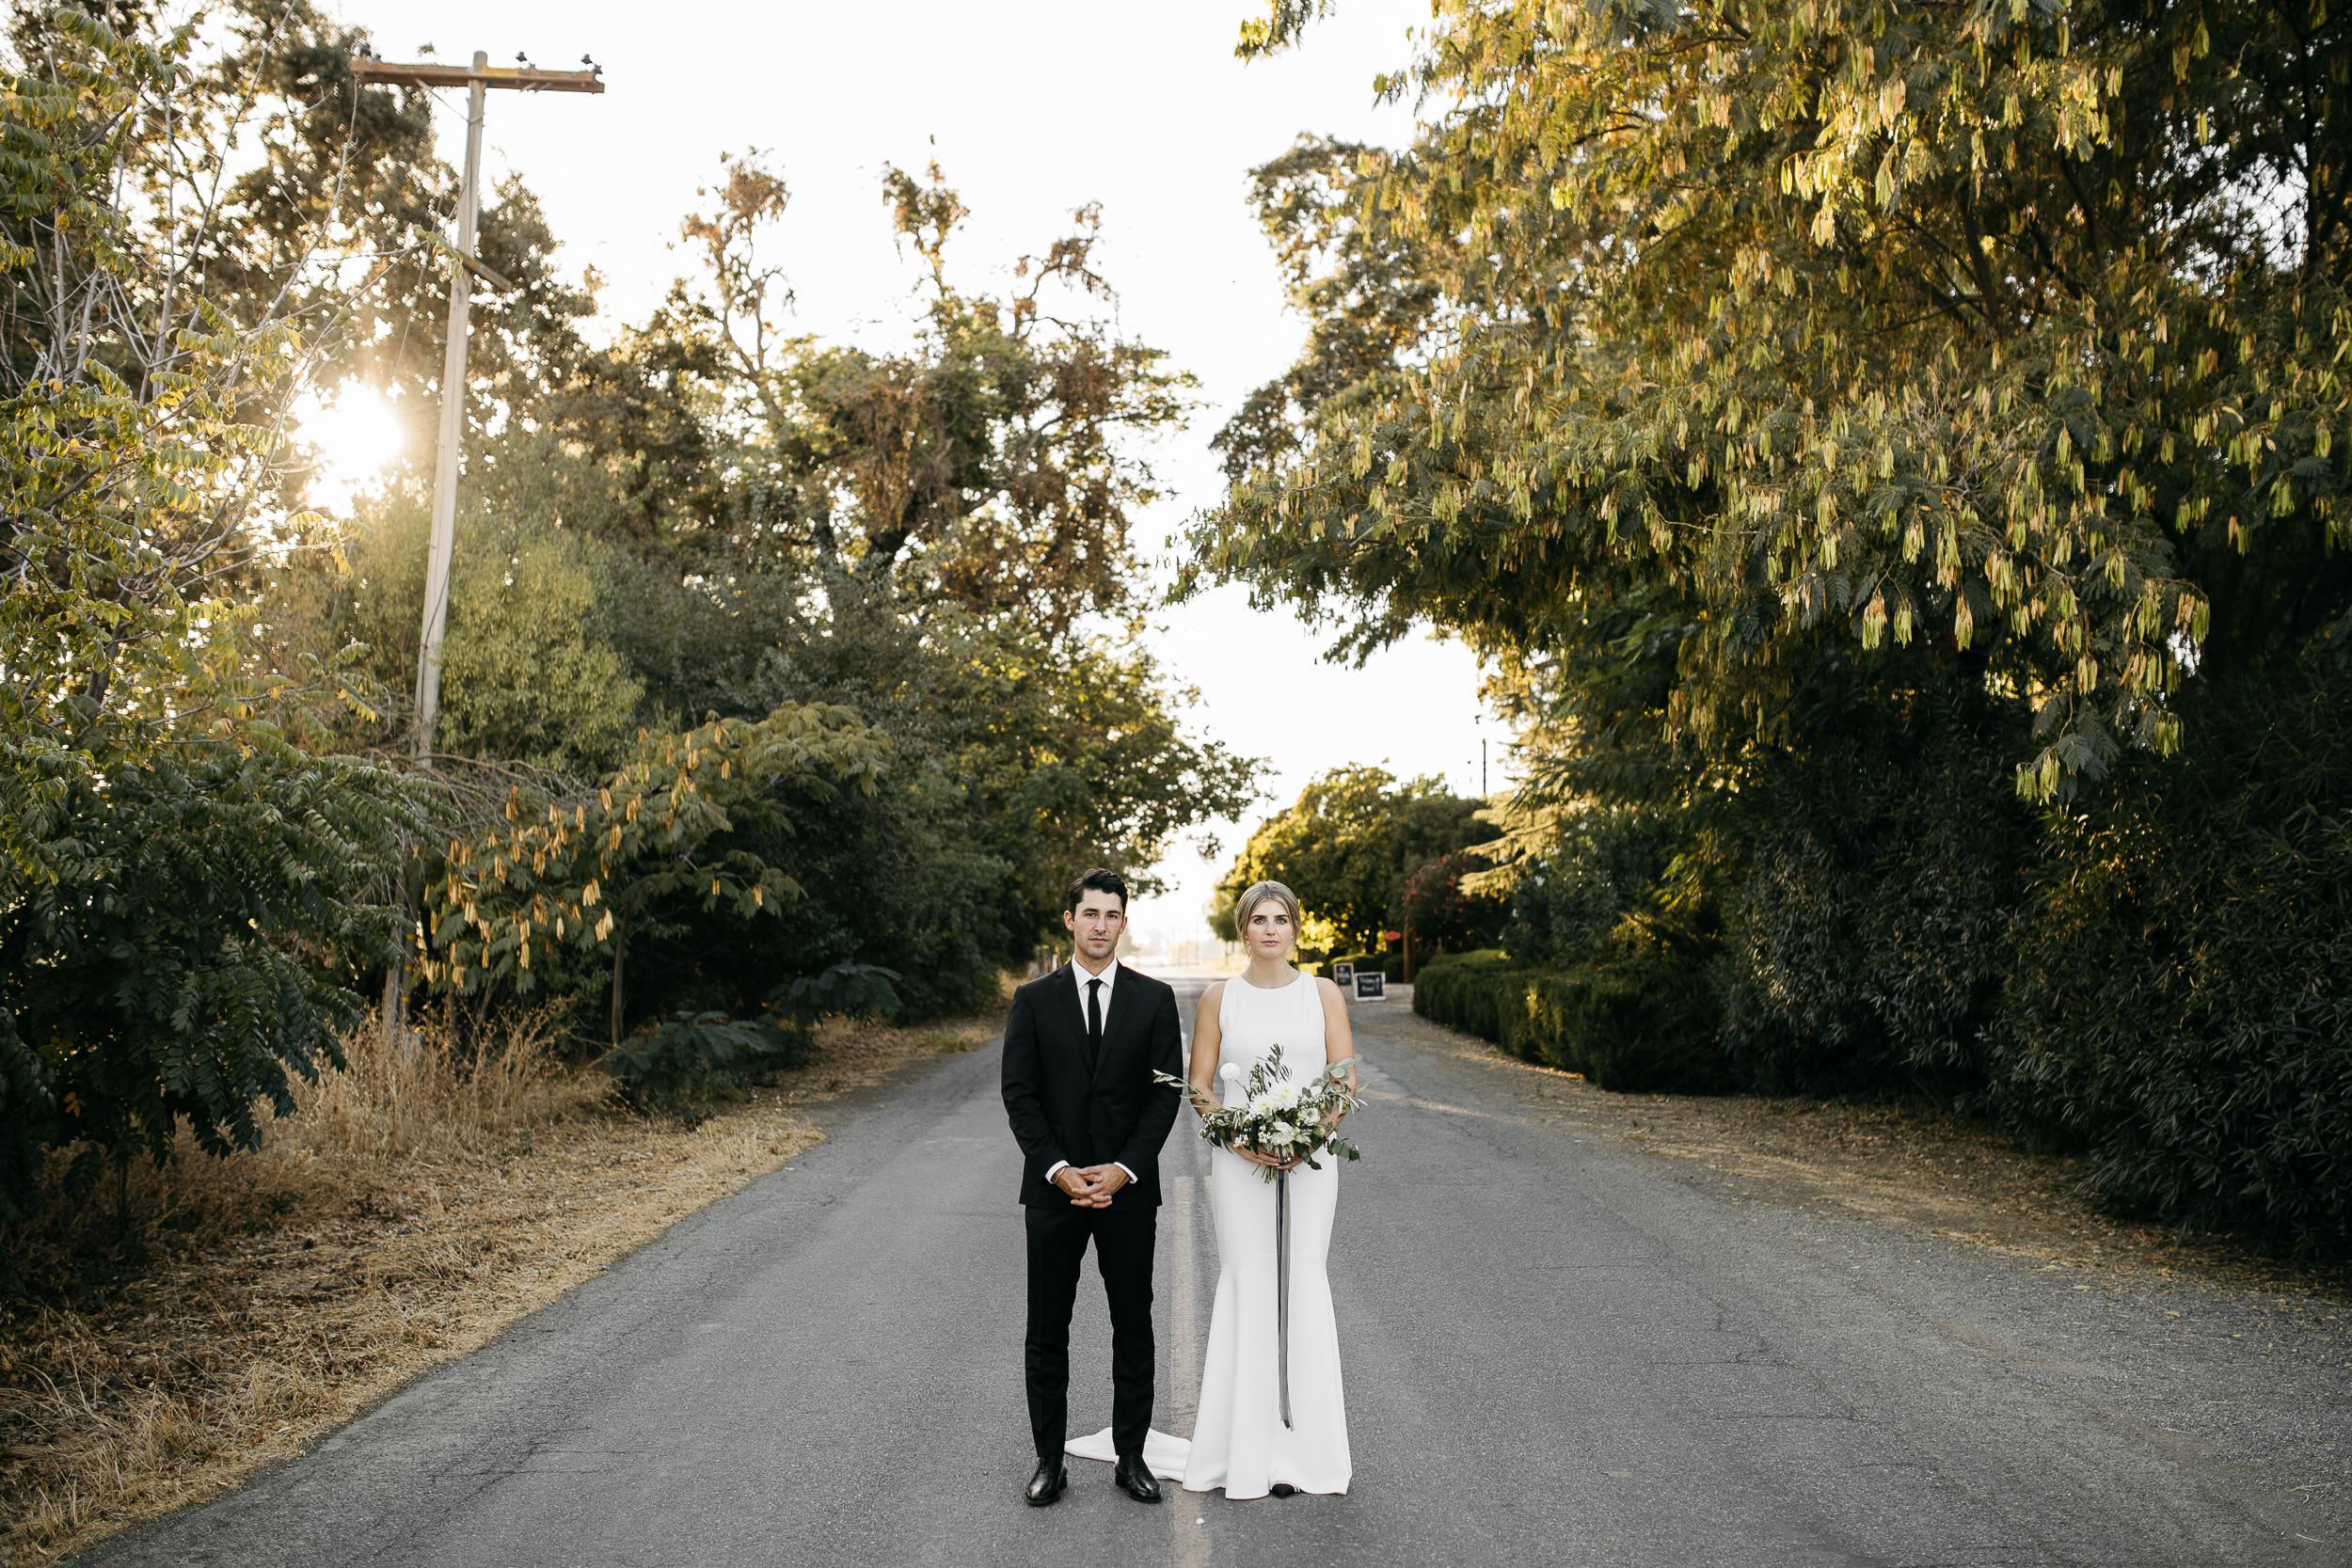 Lauren_Graham_Park_Winters_California_Wedding_JeanLaurentGaudy_477.jpg